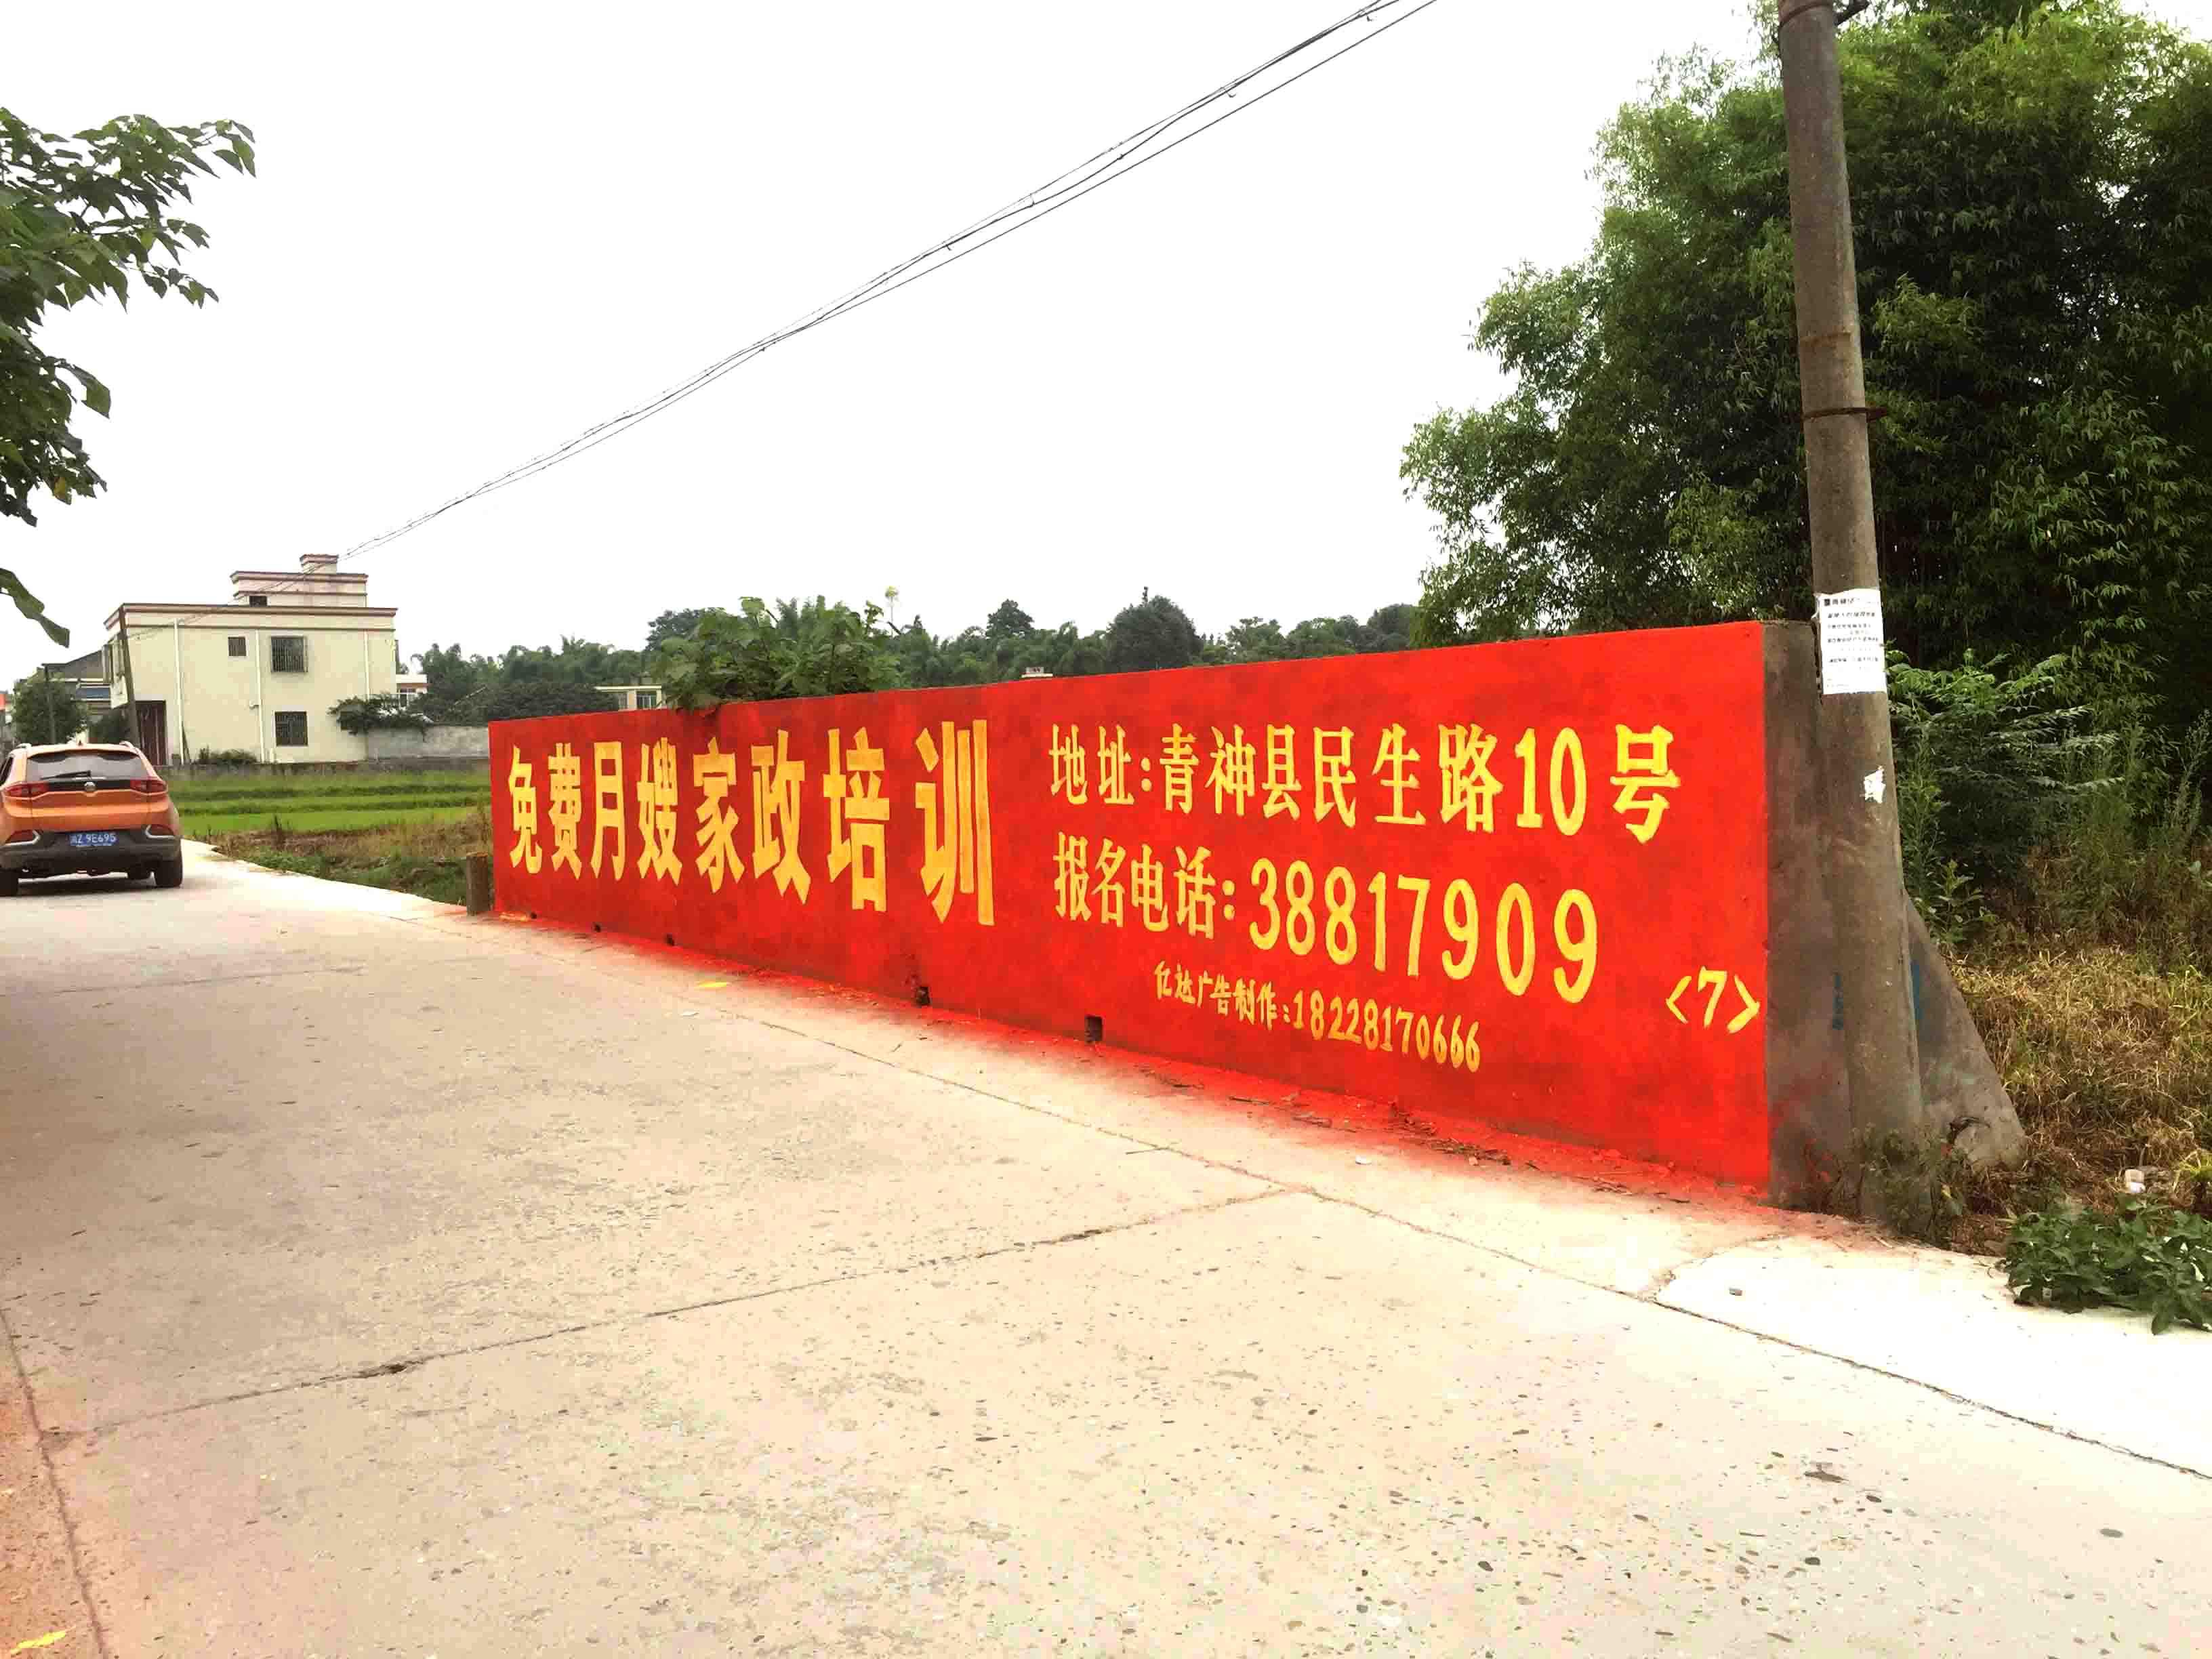 甘孜墙体广告制作甘孜刷墙广告宣传甘孜新农村标语广告                                        -易播网